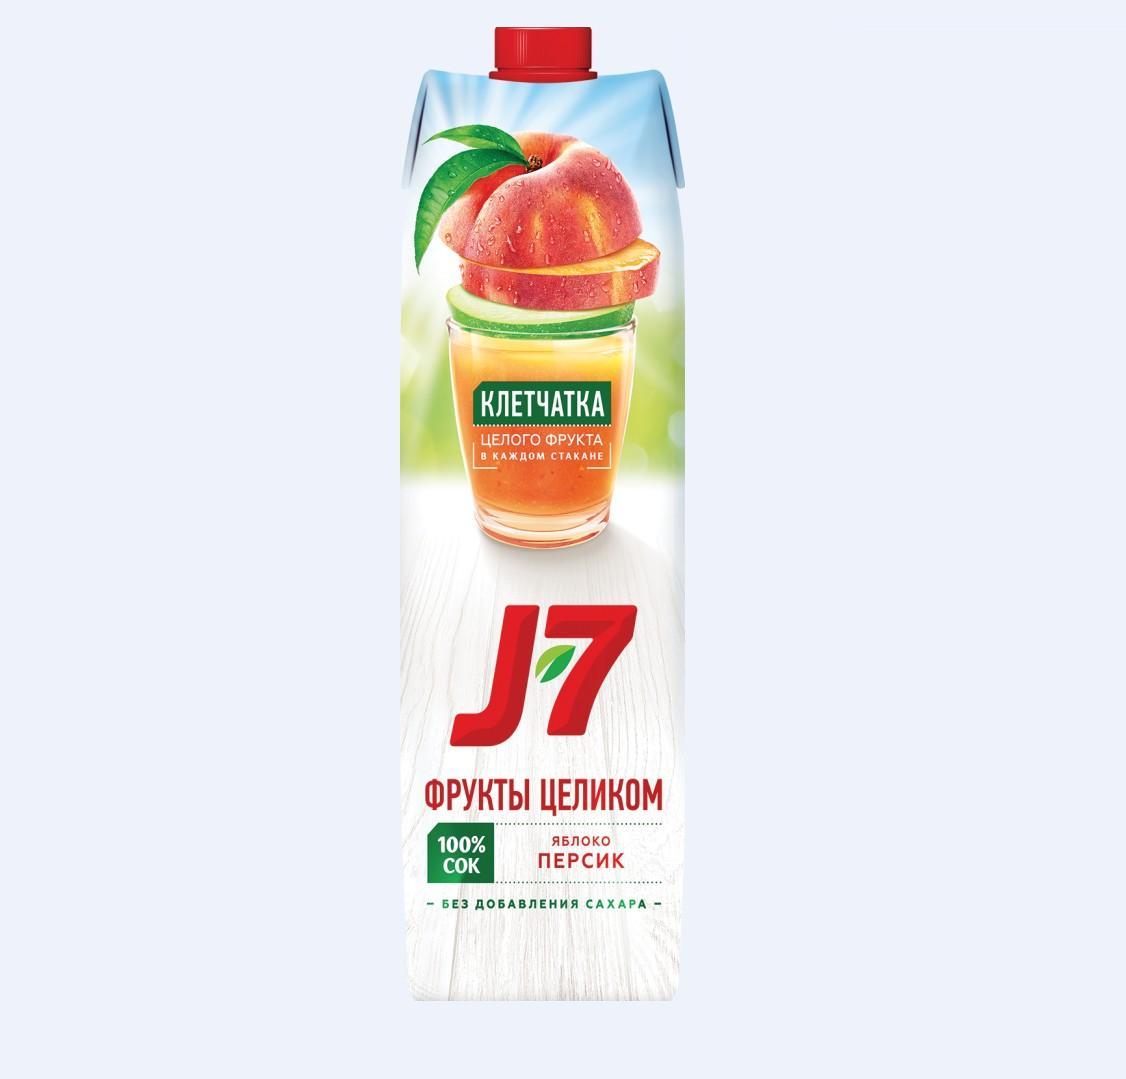 Соки и Нектар  J7 0,97л.   -Яблоко/персик с мякотью